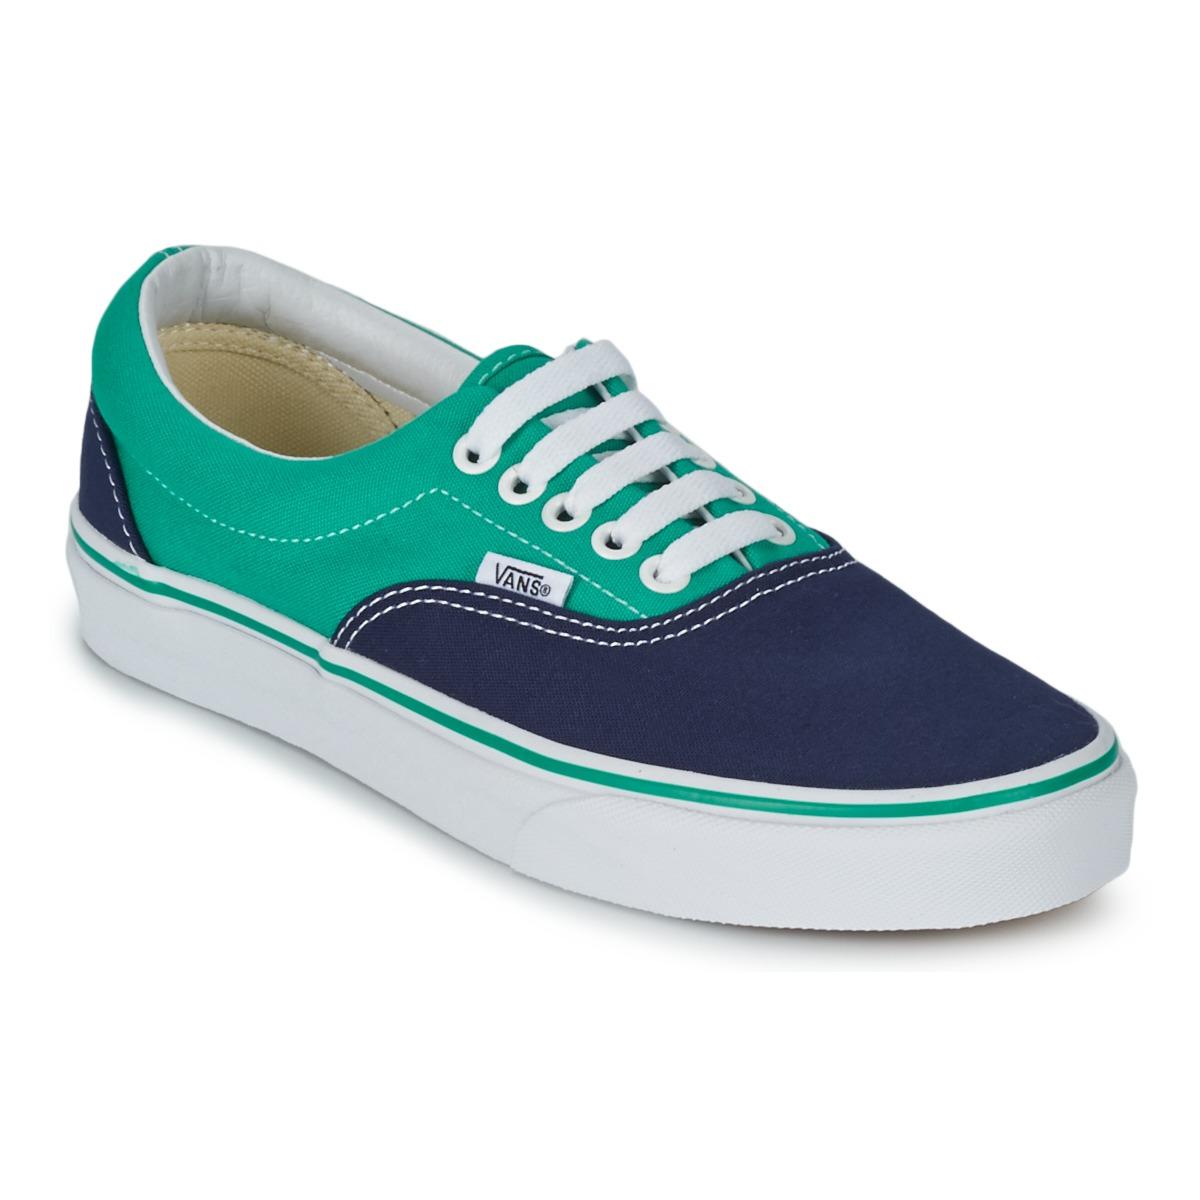 Vans ERA Bleu / Vert